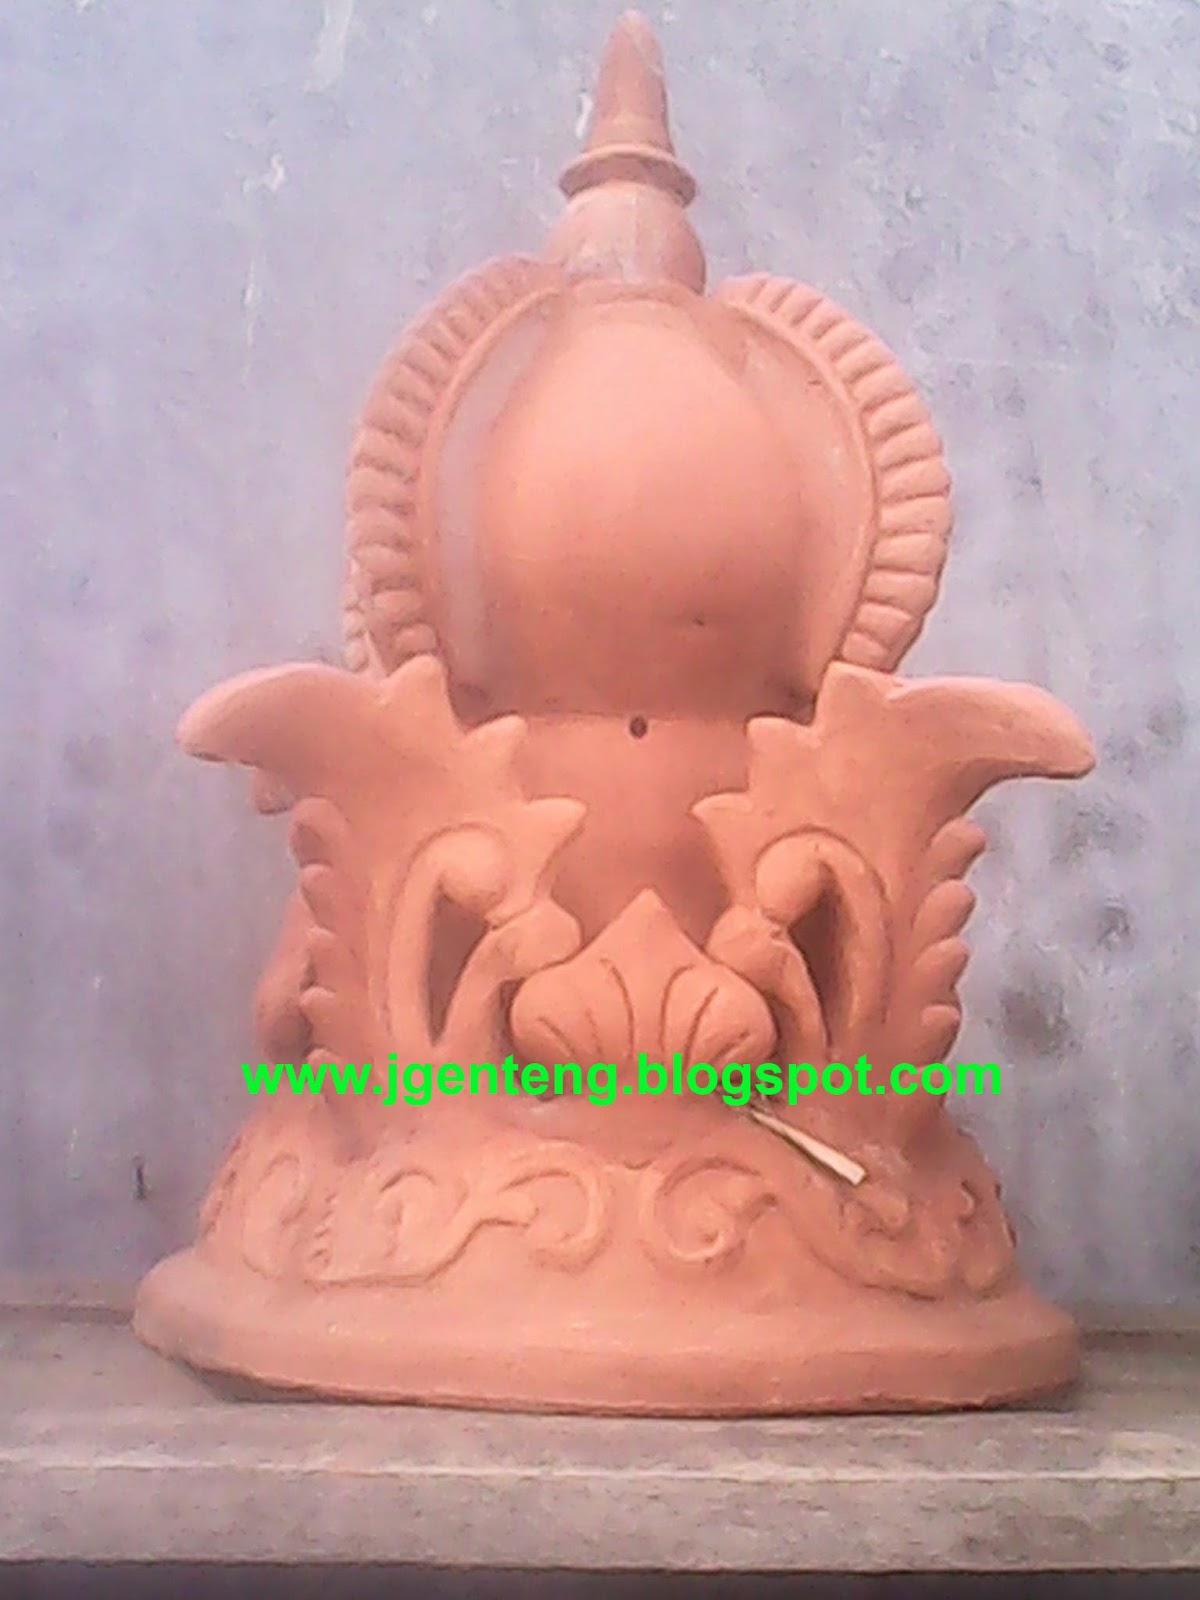 http://jgenteng.blogspot.com/2012/03/jual-genteng-kamulan.html